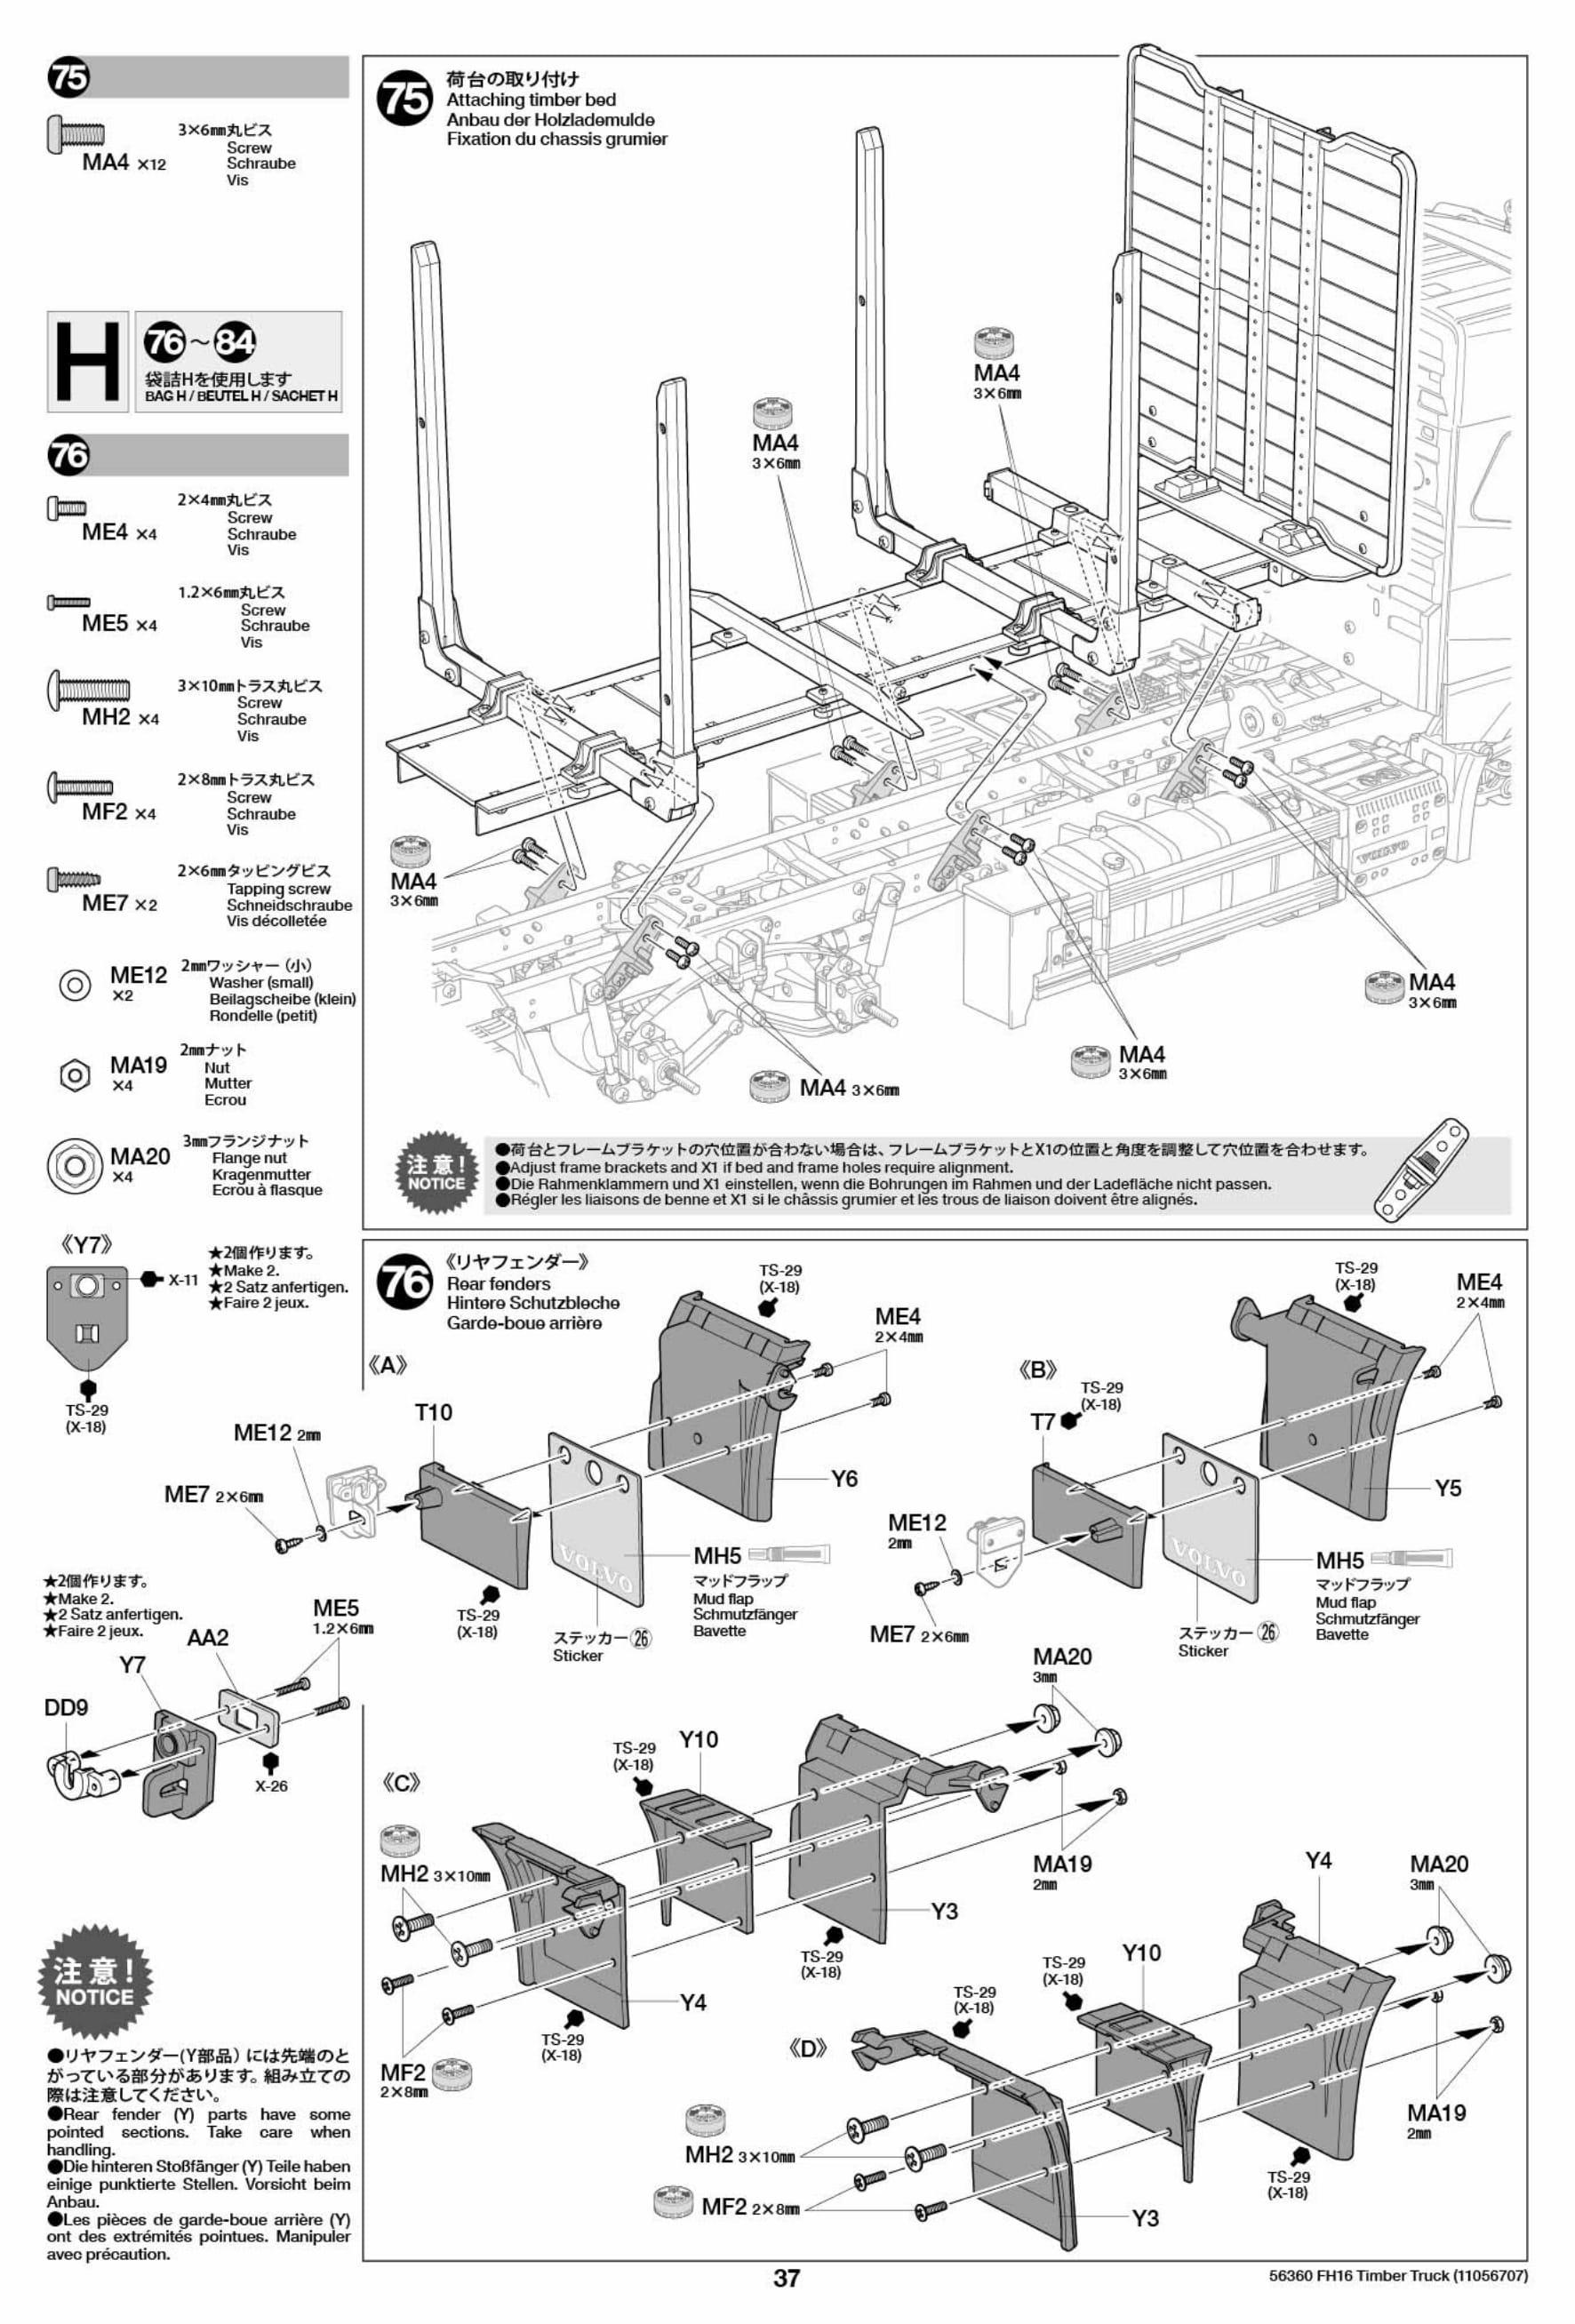 Timing chain kit pour iveco daily 2.3 choix 1//2 d 29L//35C//35S//40C diesel fai